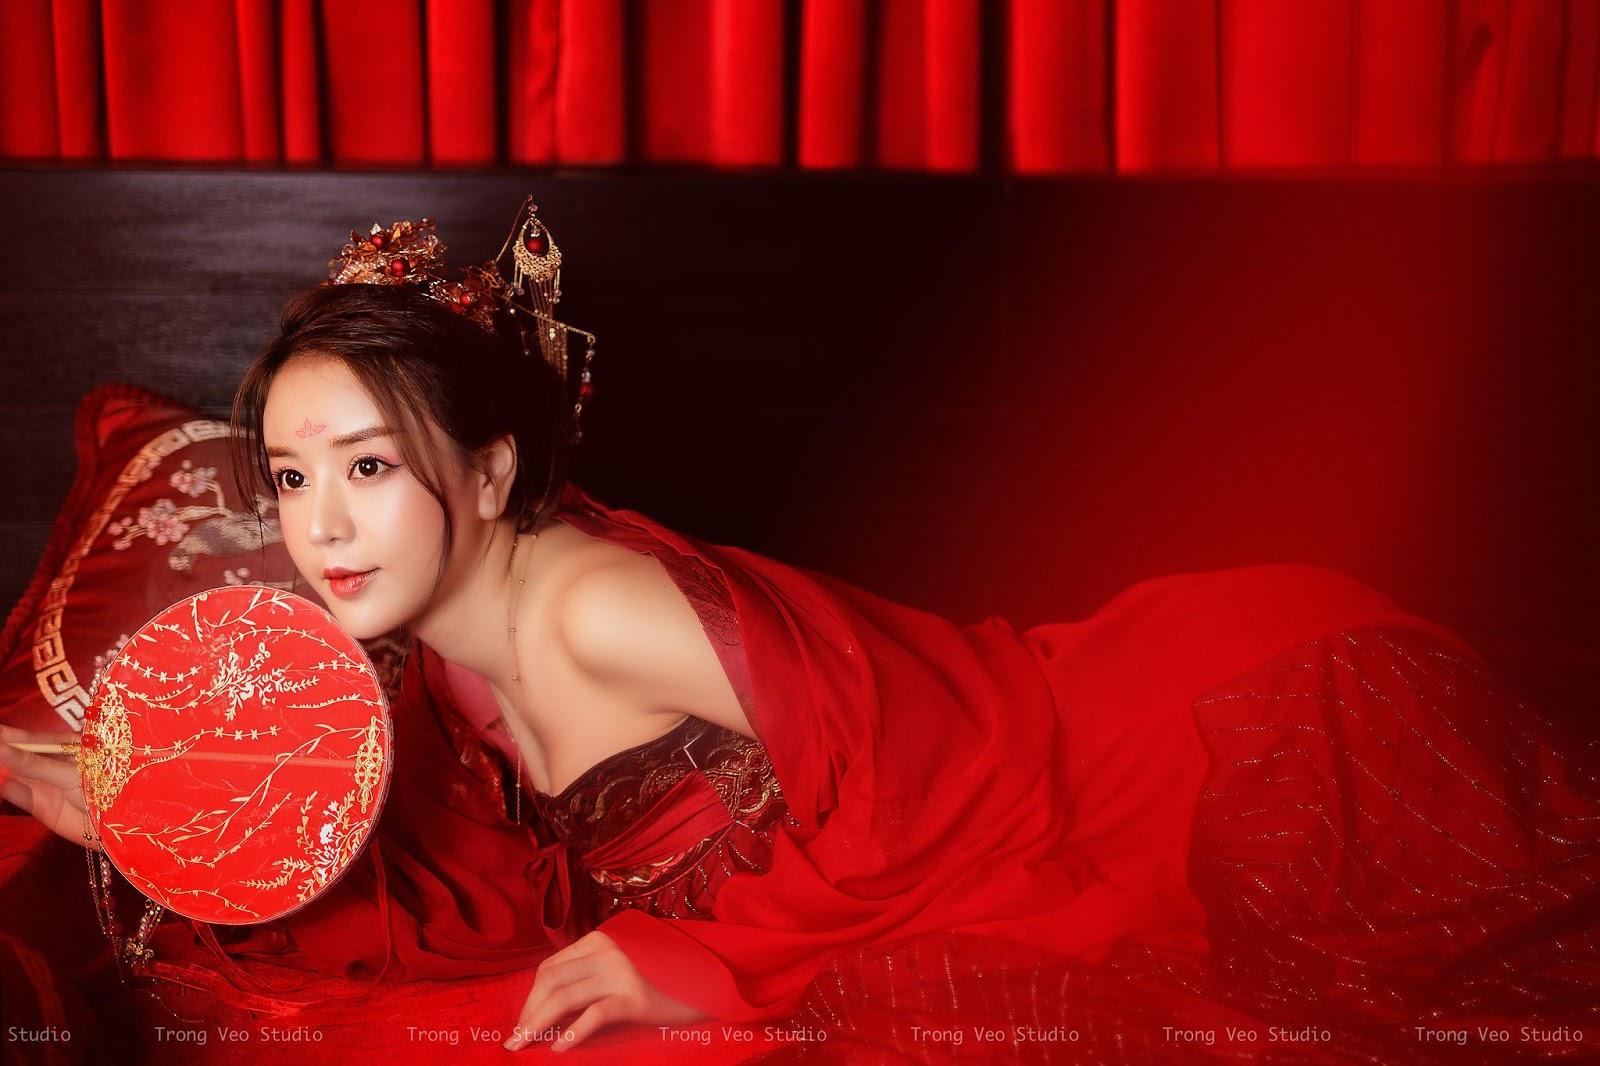 Bộ ảnh Kiều Trang đẹp như tranh vẽ trong trang trục cổ trang ma mị khiến người xem si mê